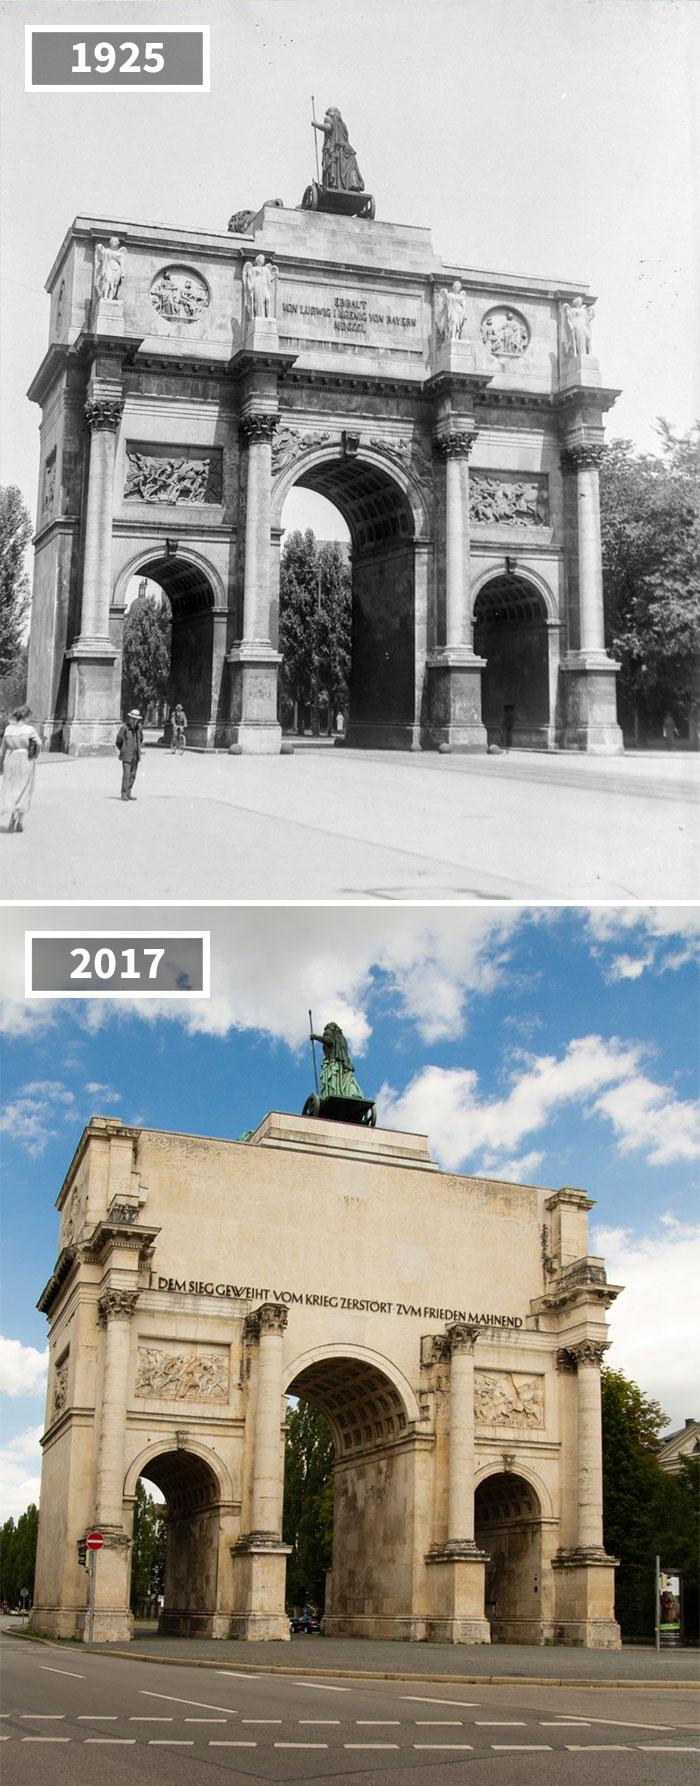 5a0eab6222b54 then and now pictures changing world rephotos 14 5a0d6fd050639  700 - A transformação das cidades ao longo do tempo